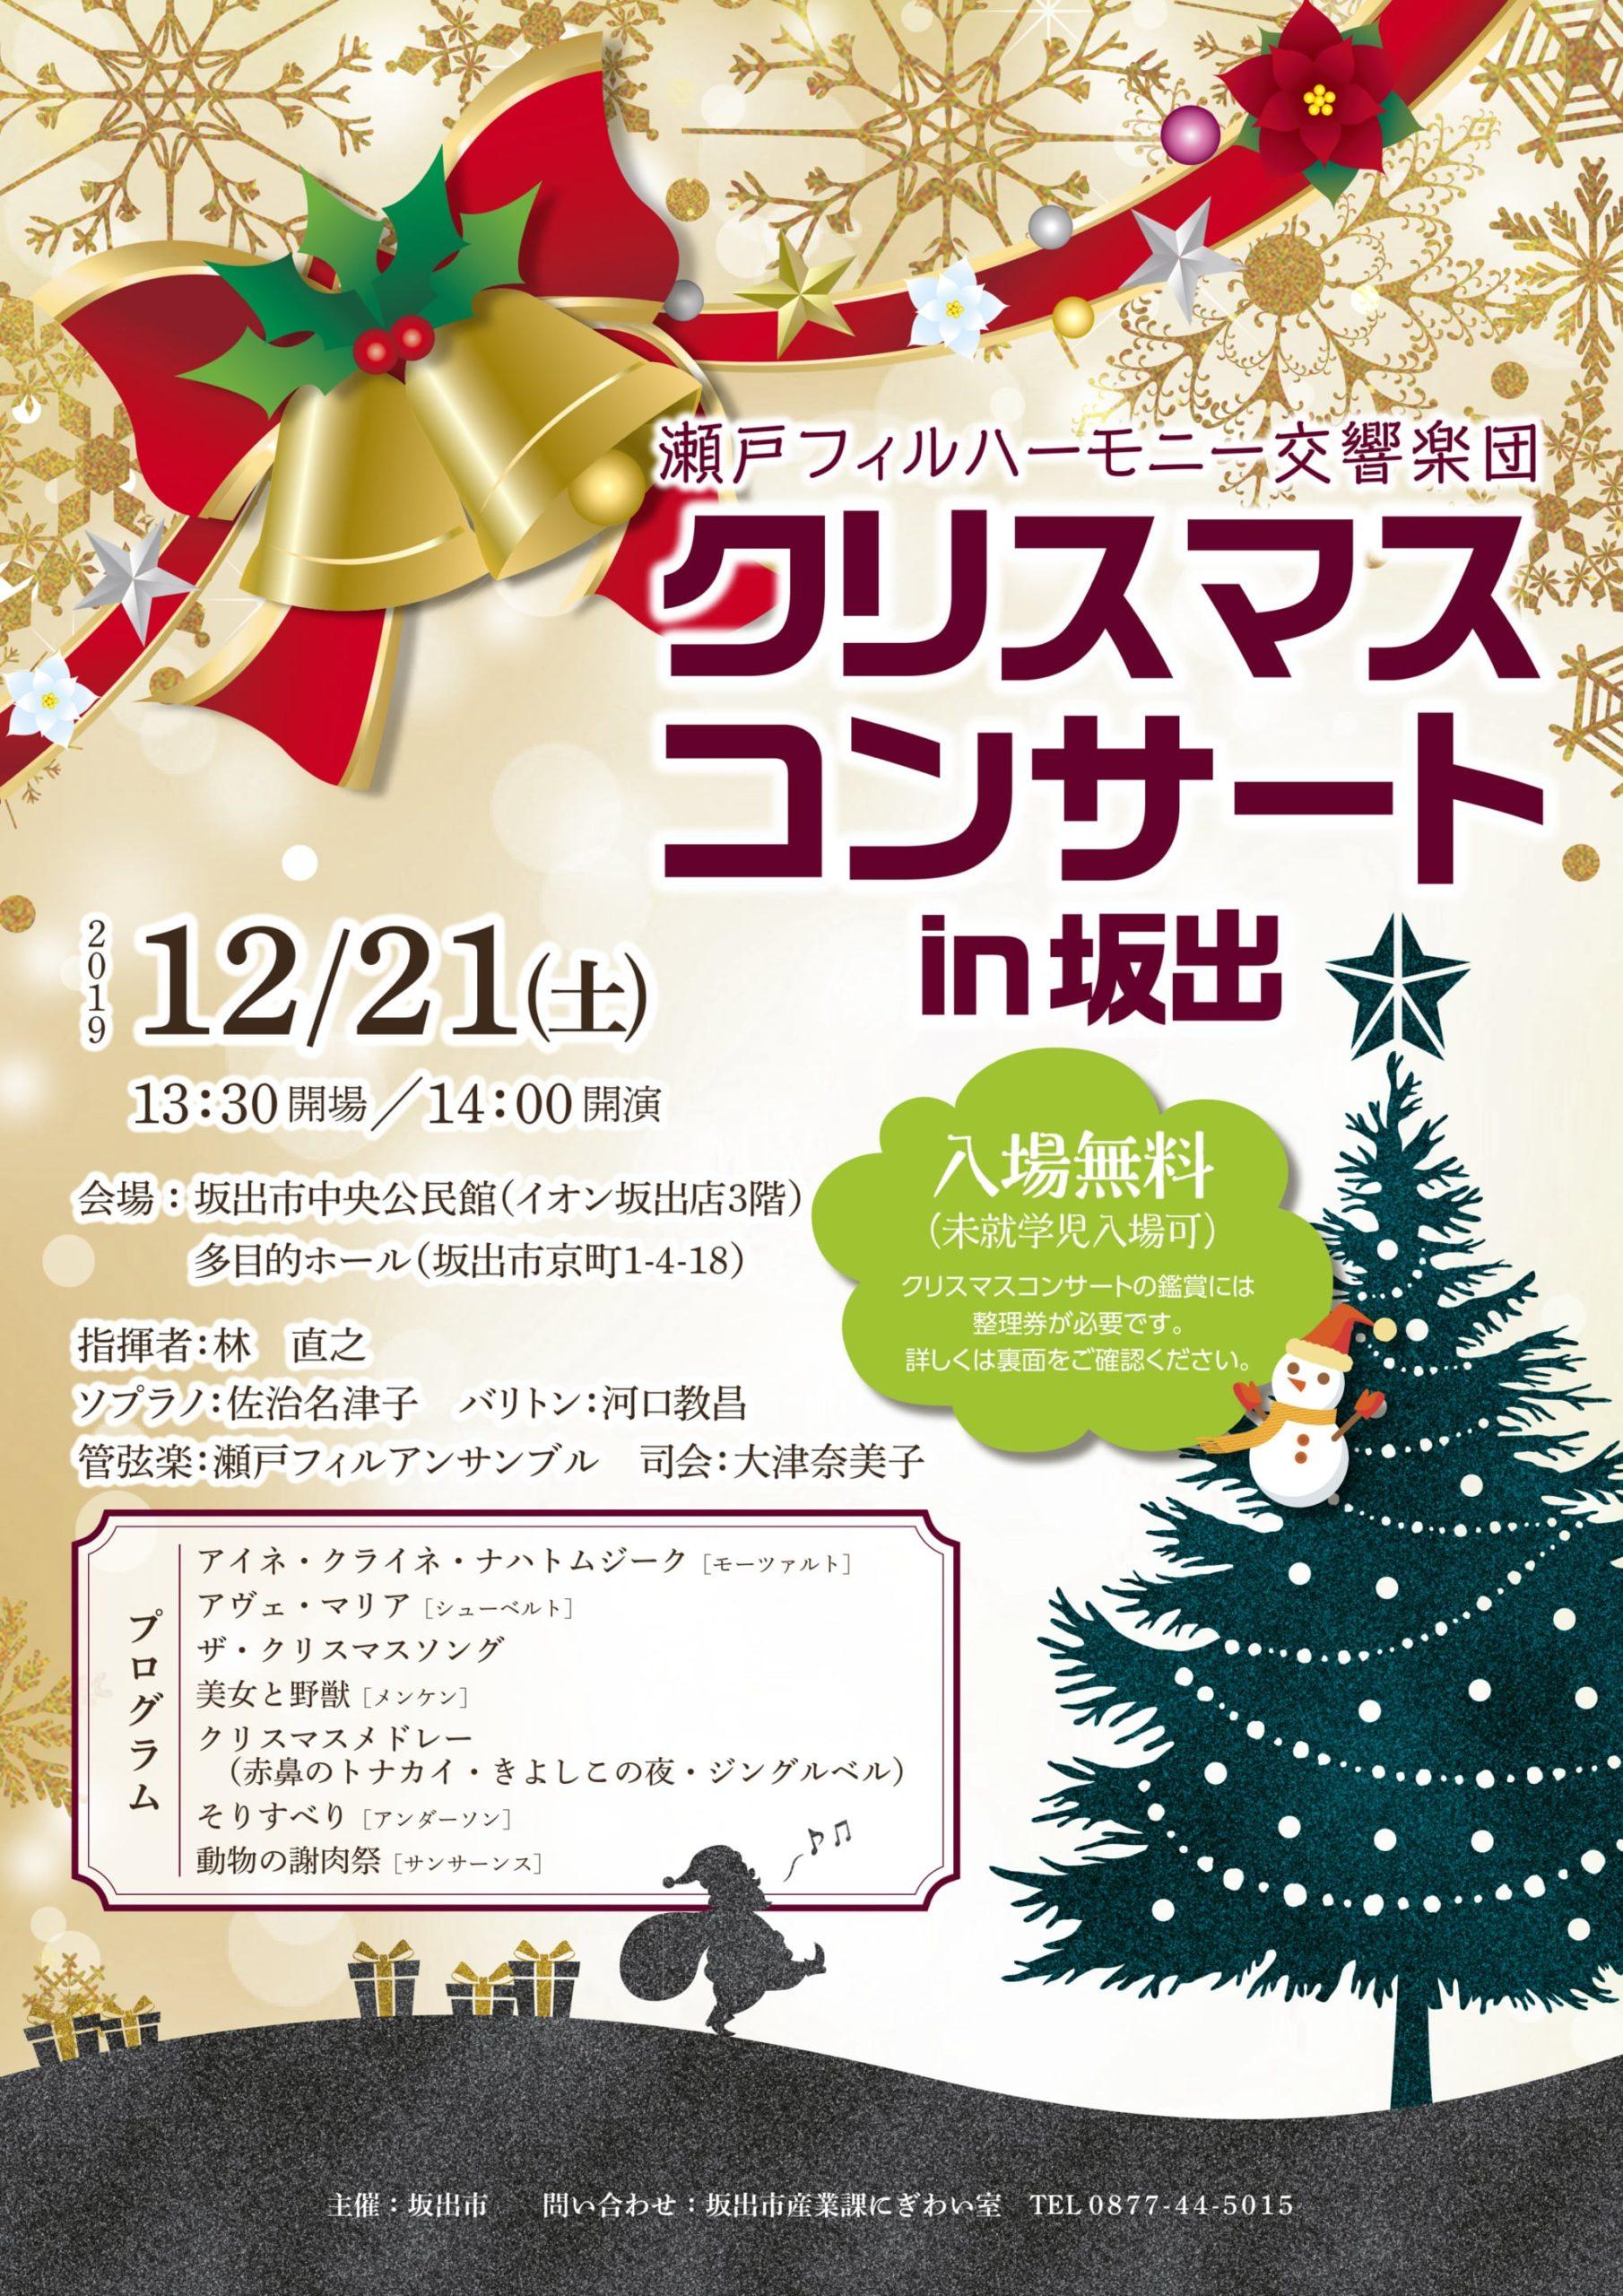 クリスマスコンサート in 坂出